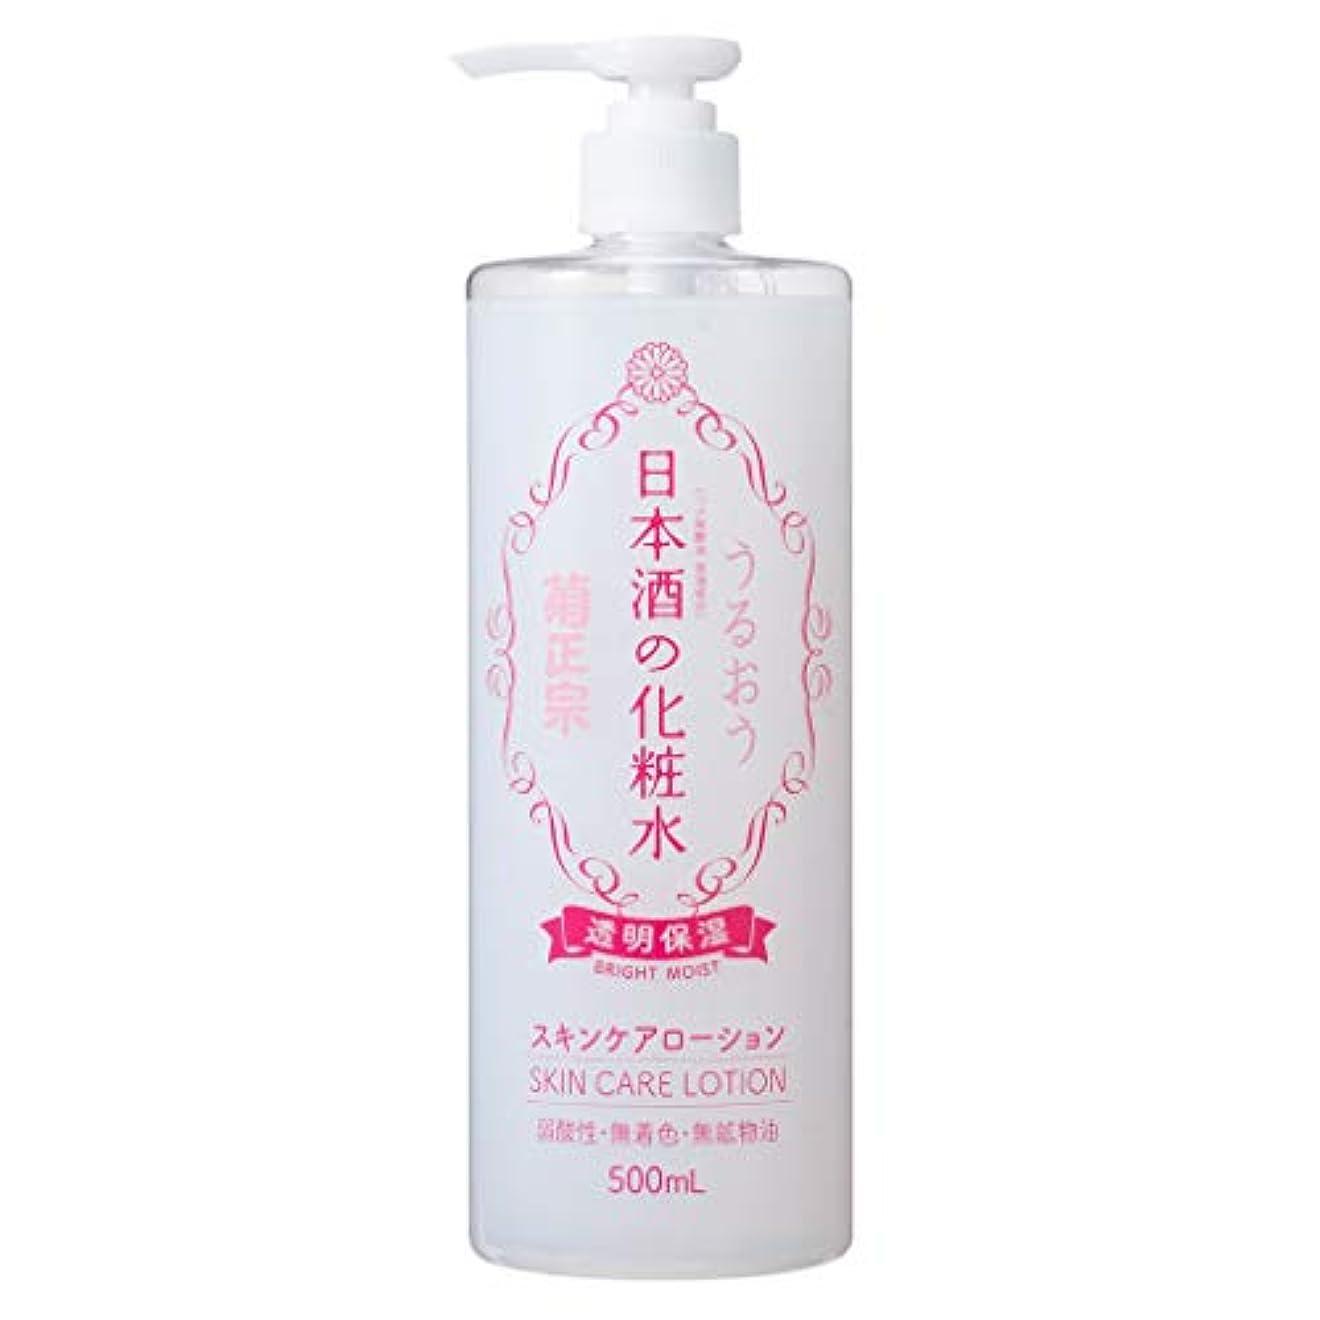 弁護士薄い限られた菊正宗 日本酒の化粧水 透明保湿 500ml ビタミン